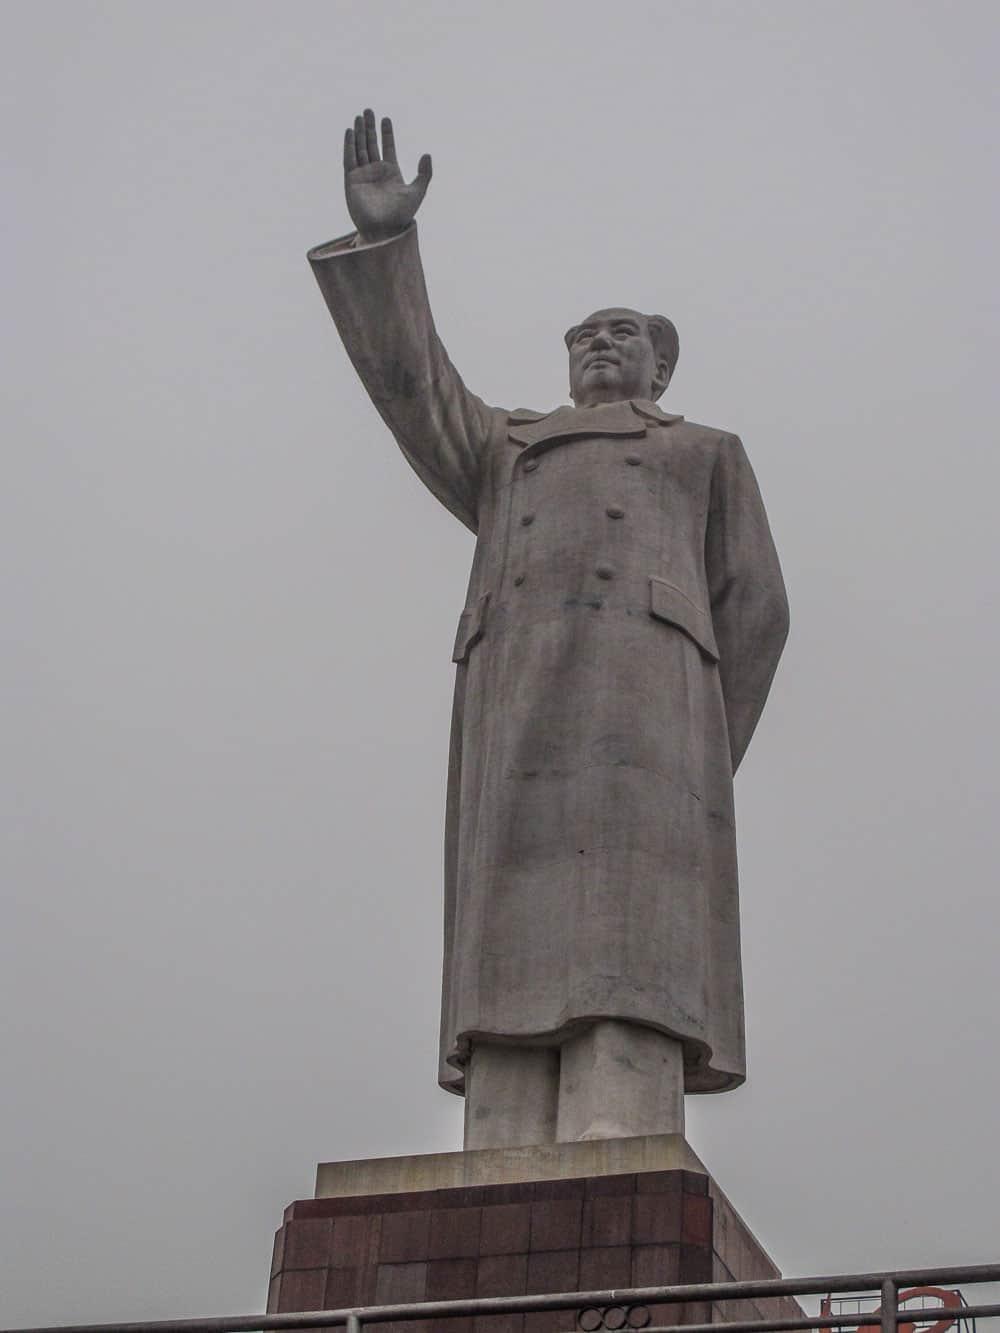 mao chengdu statute